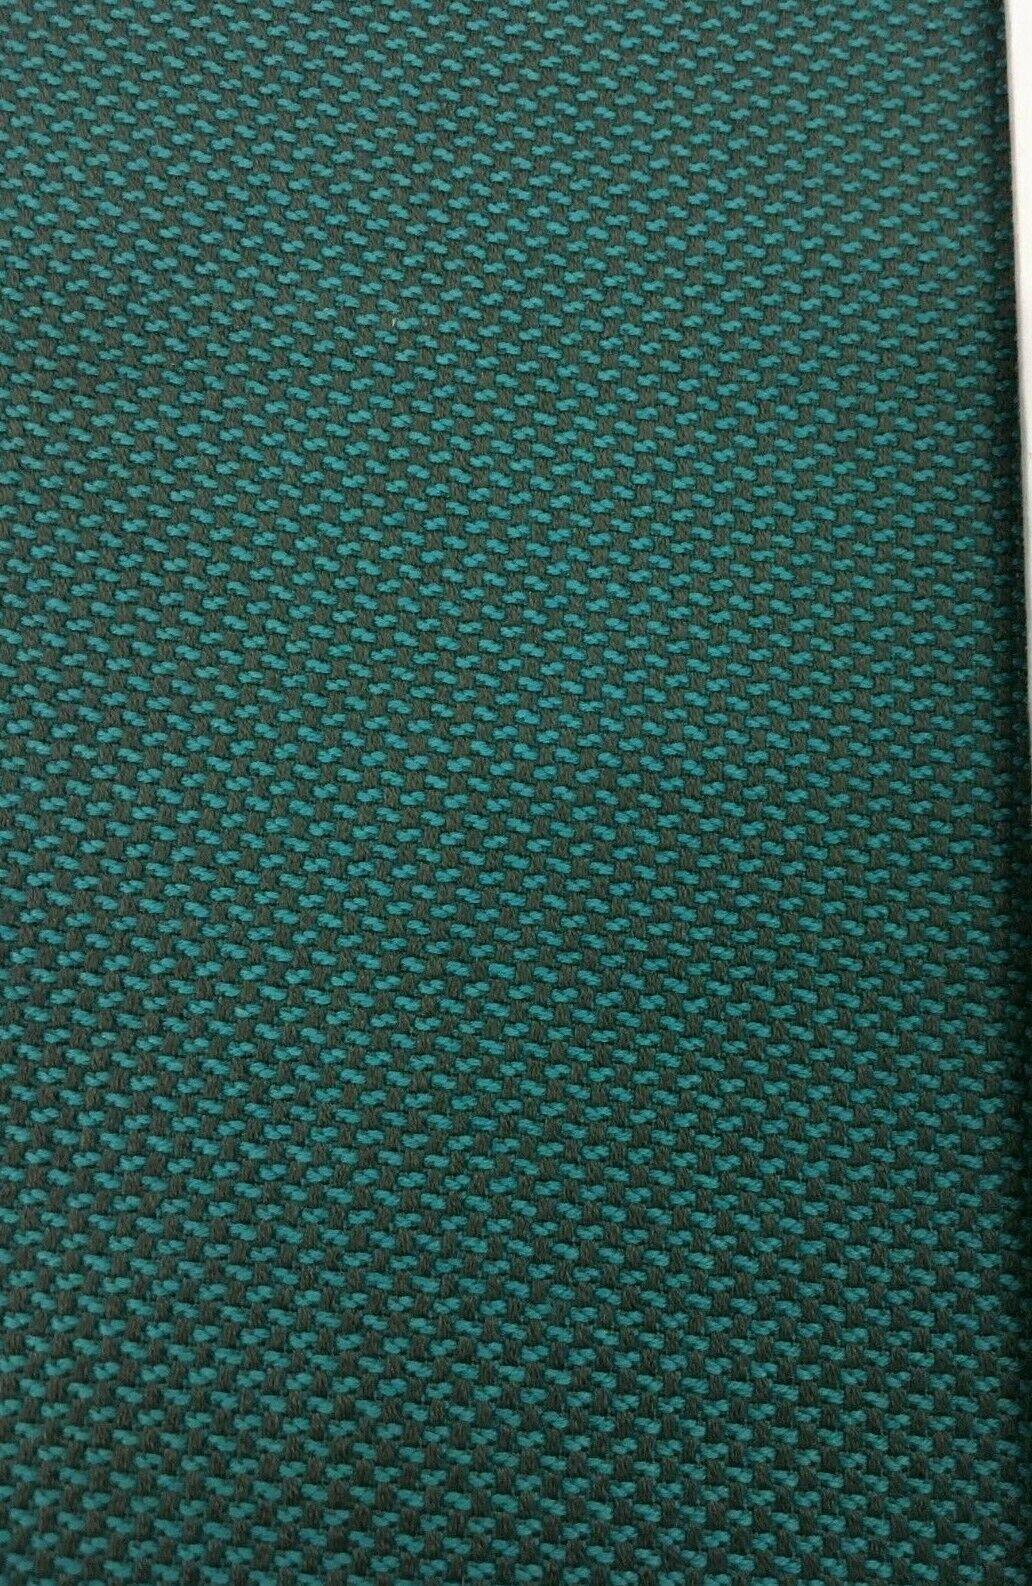 Blau und Grau Gefleckt Polsterstoff 12.3m Bd